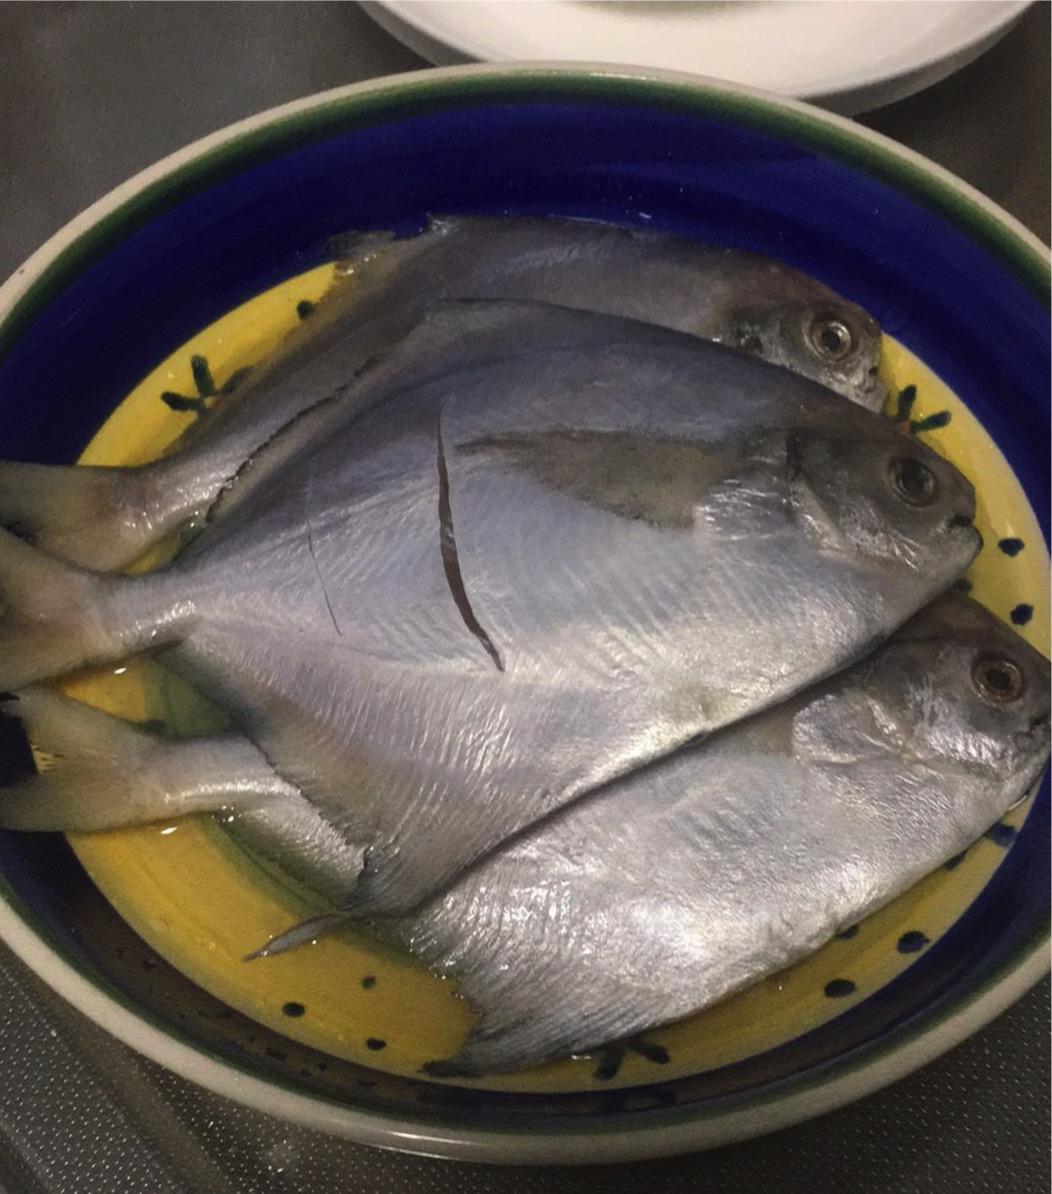 广式干煎白鲳鱼的菜谱_徽菜_豆果美食徽做法带图片菜谱大全图片